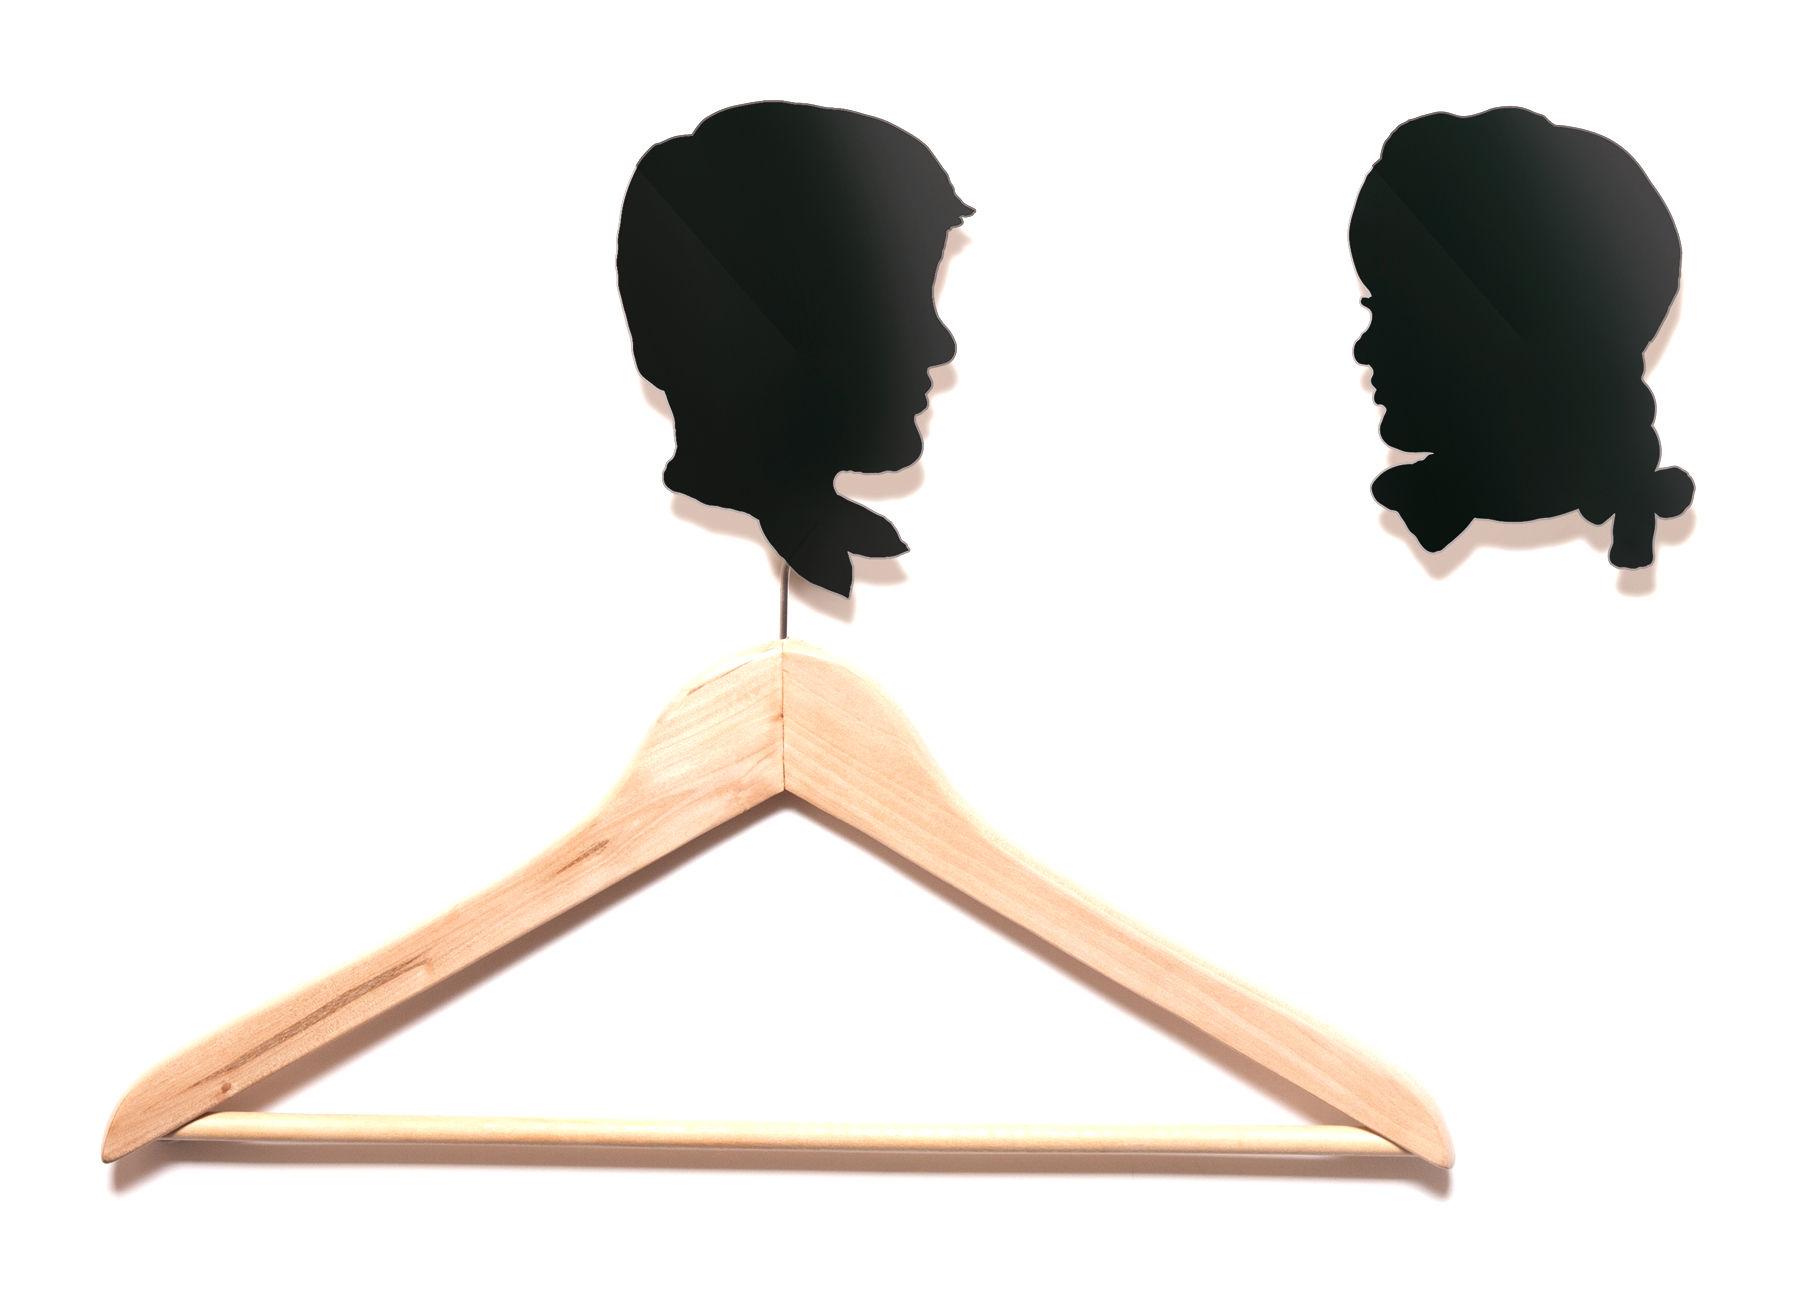 Möbel - Garderoben und Kleiderhaken - Les enfants Wandhaken 2er Set - Domestic - Schwarz - Kinder - lackiertes Aluminium